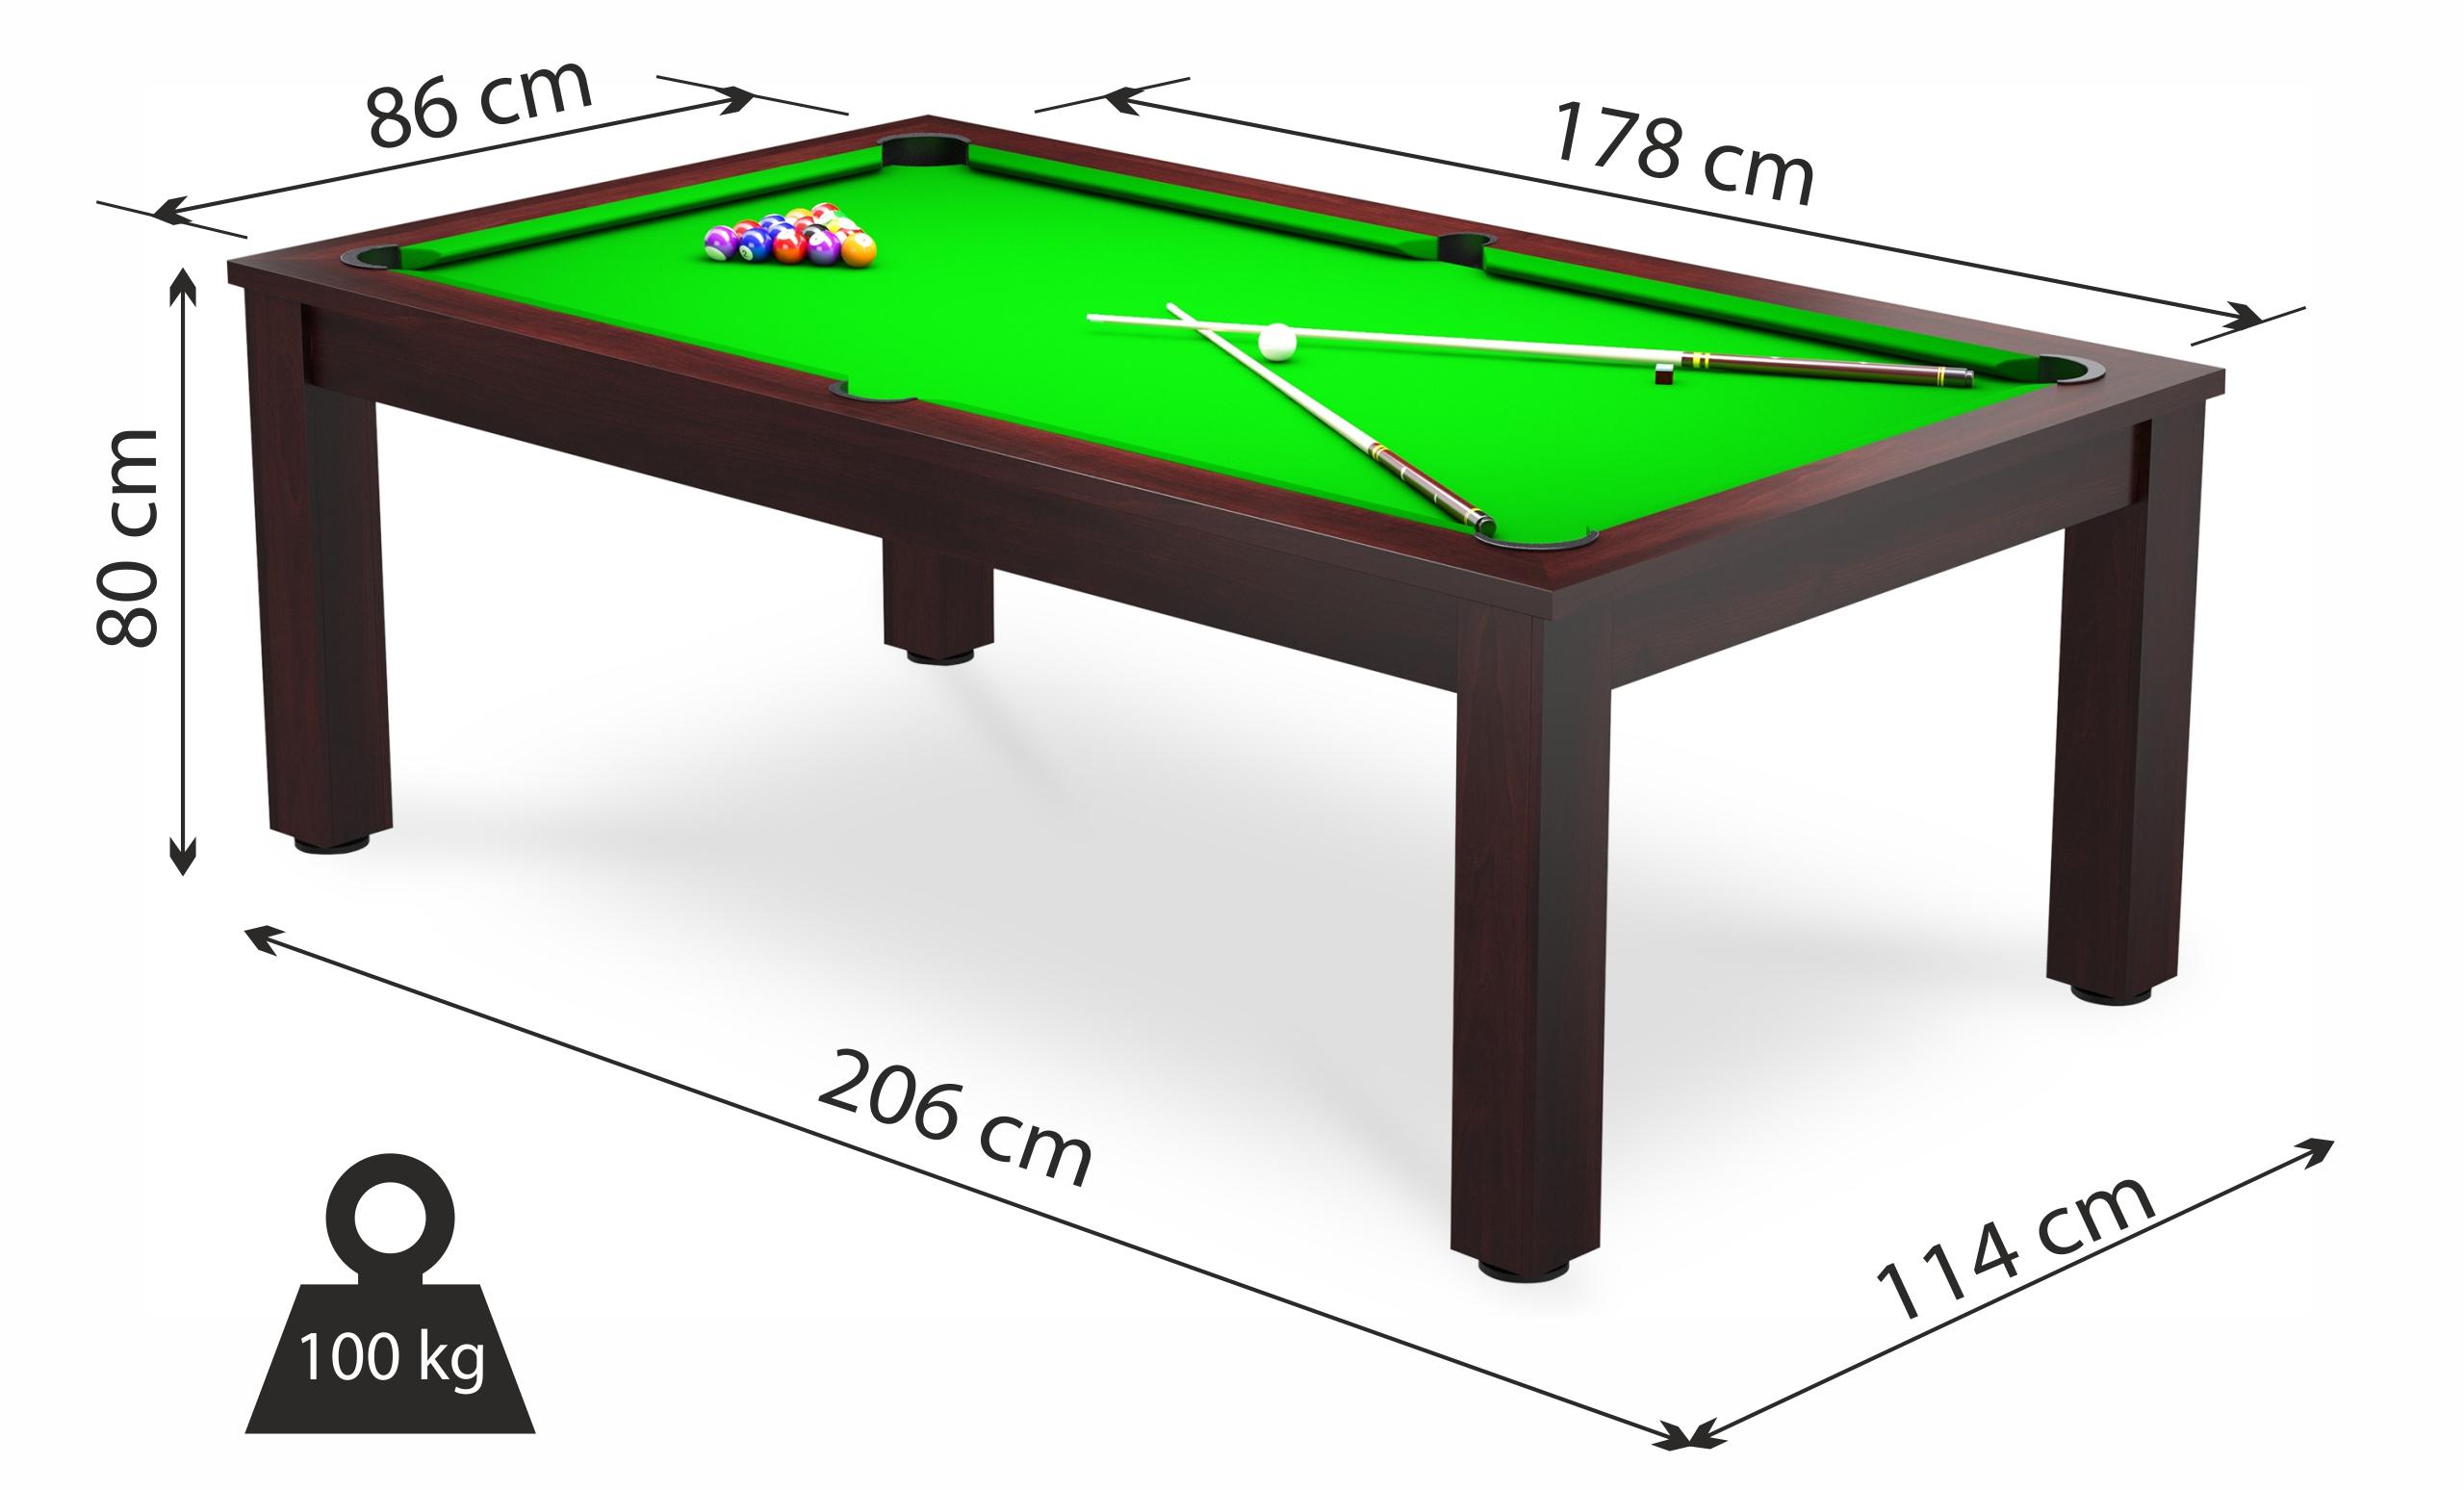 Die Abmessungen des Billardtisches und das Spielfeld